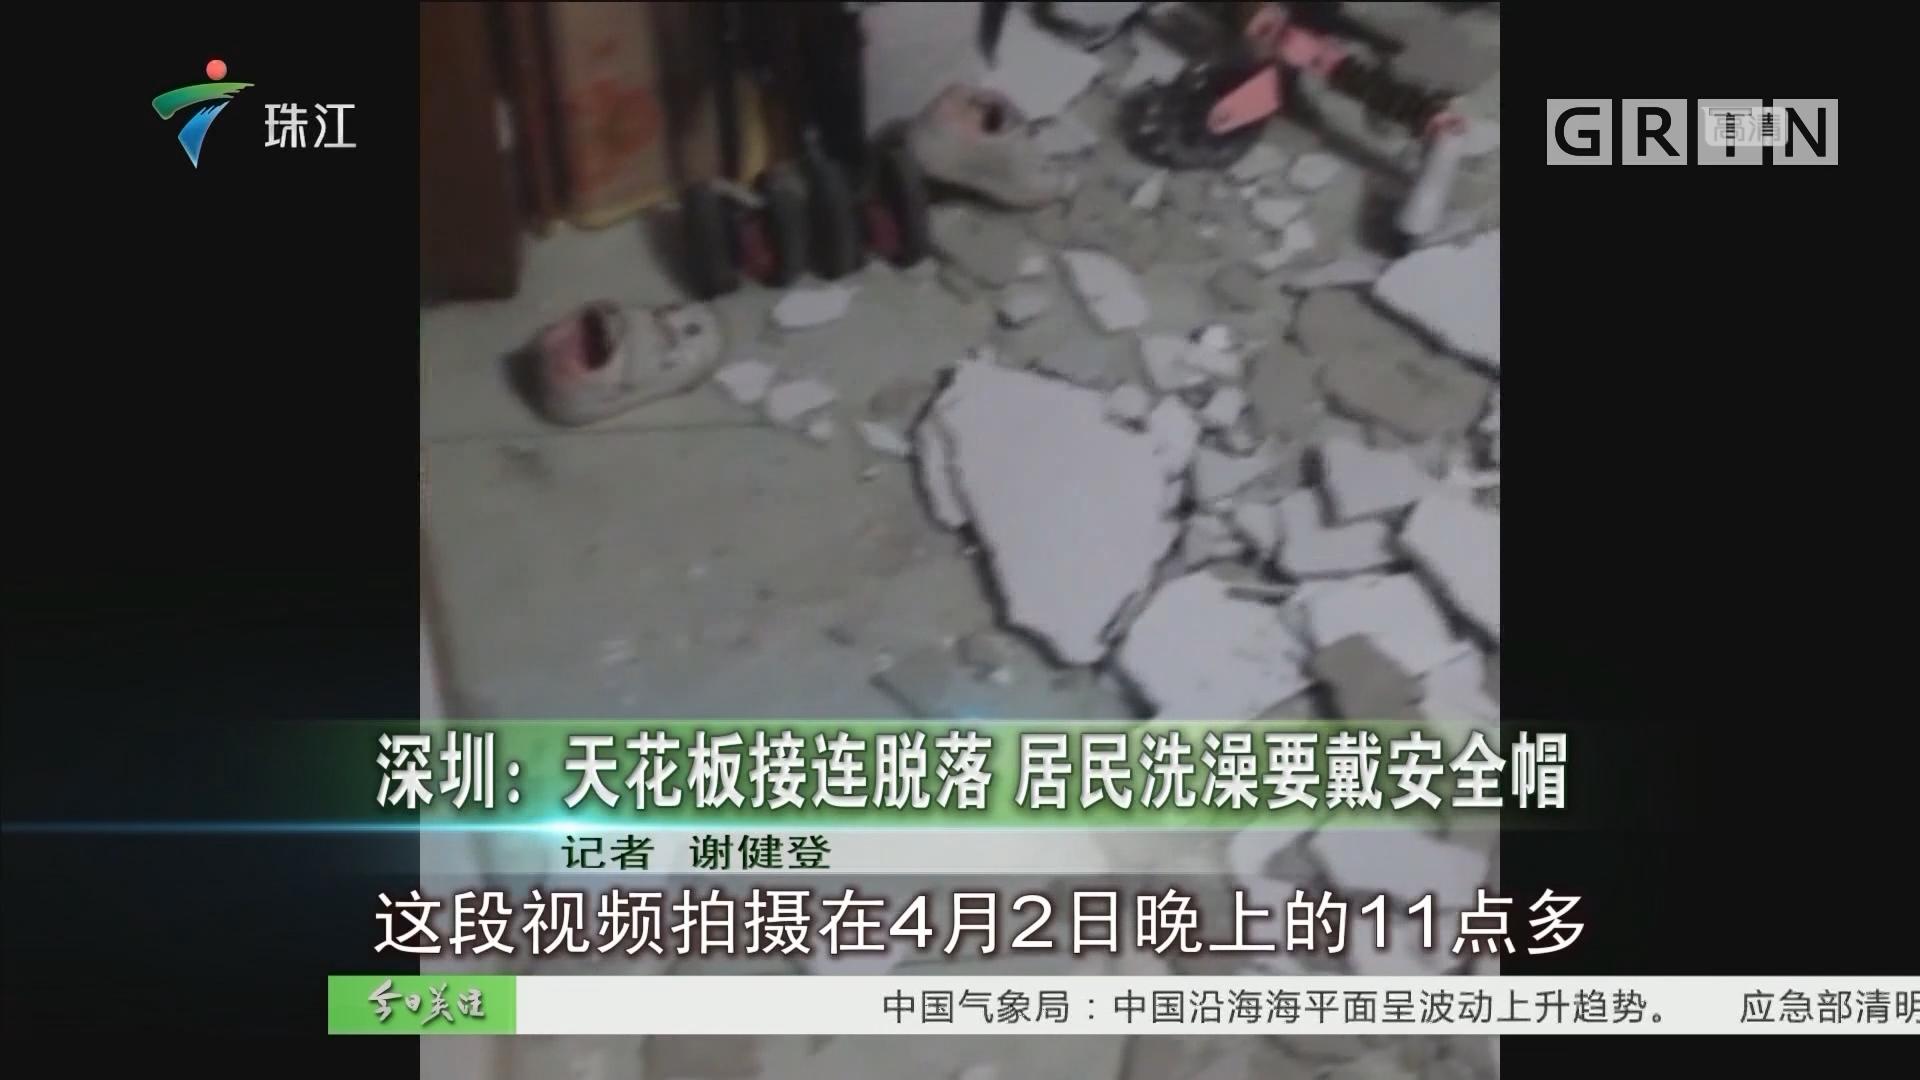 深圳:天花板接连脱落 居民洗澡要戴安全帽